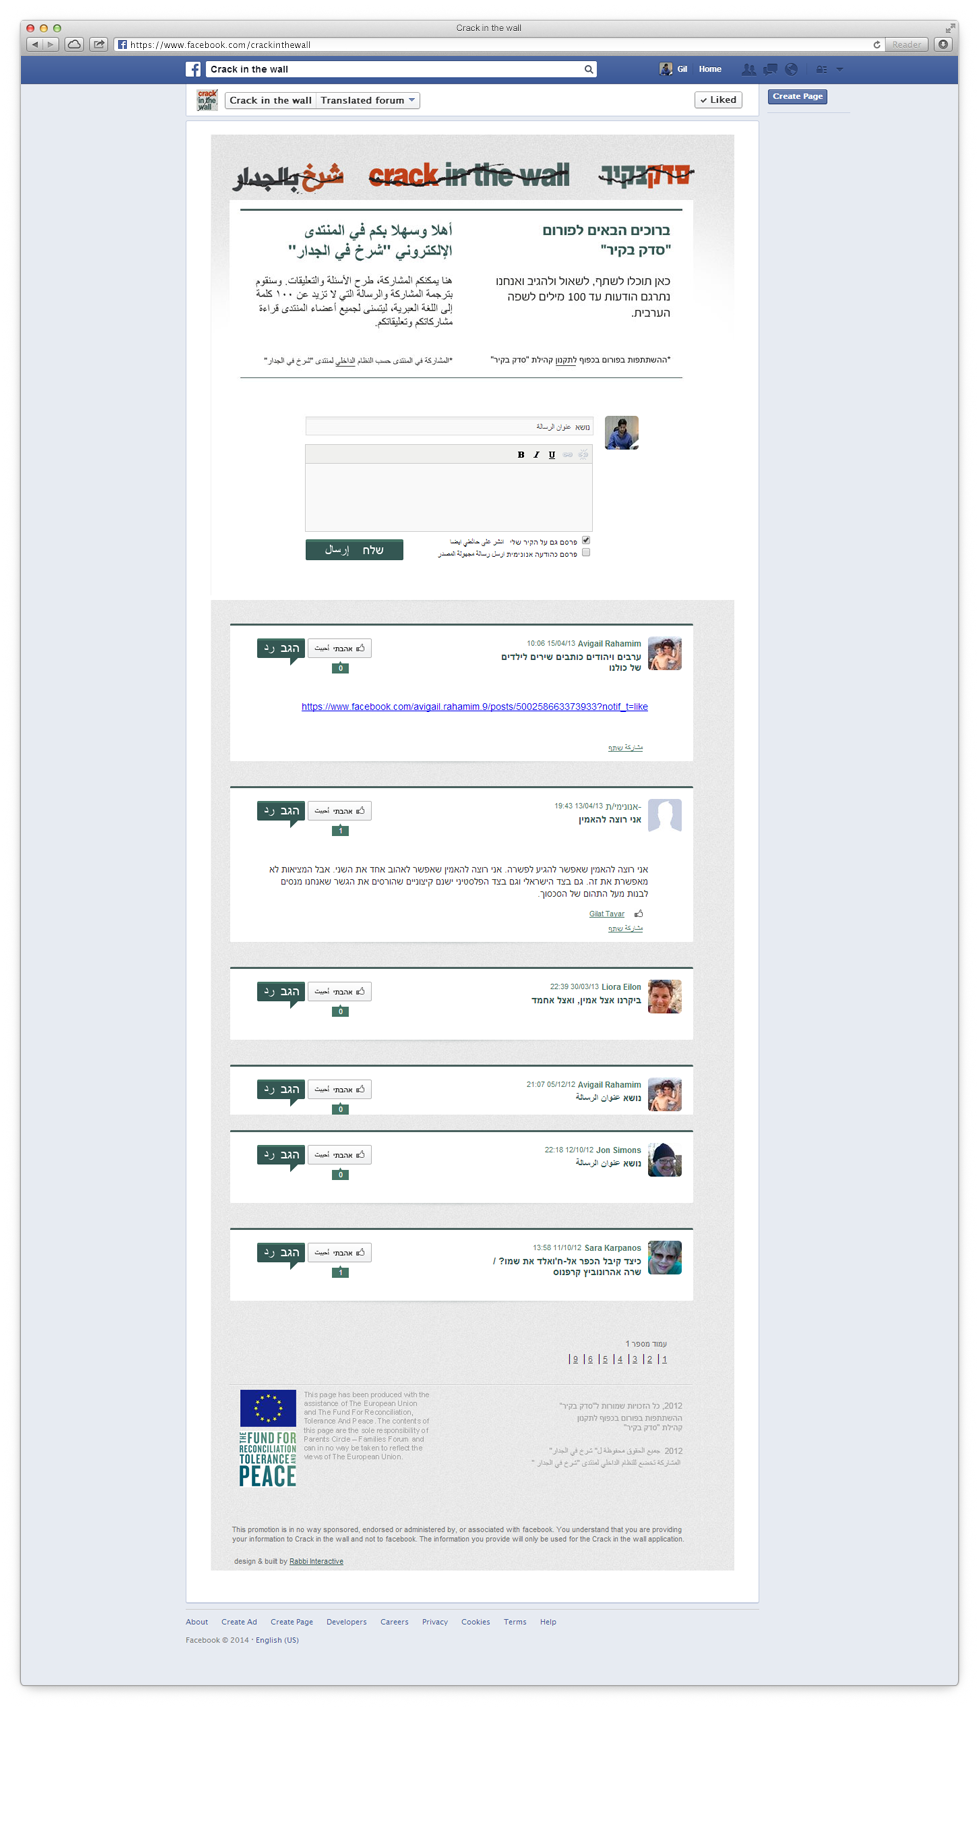 פיתוח פורום ייעודי בתוך פייסבוק